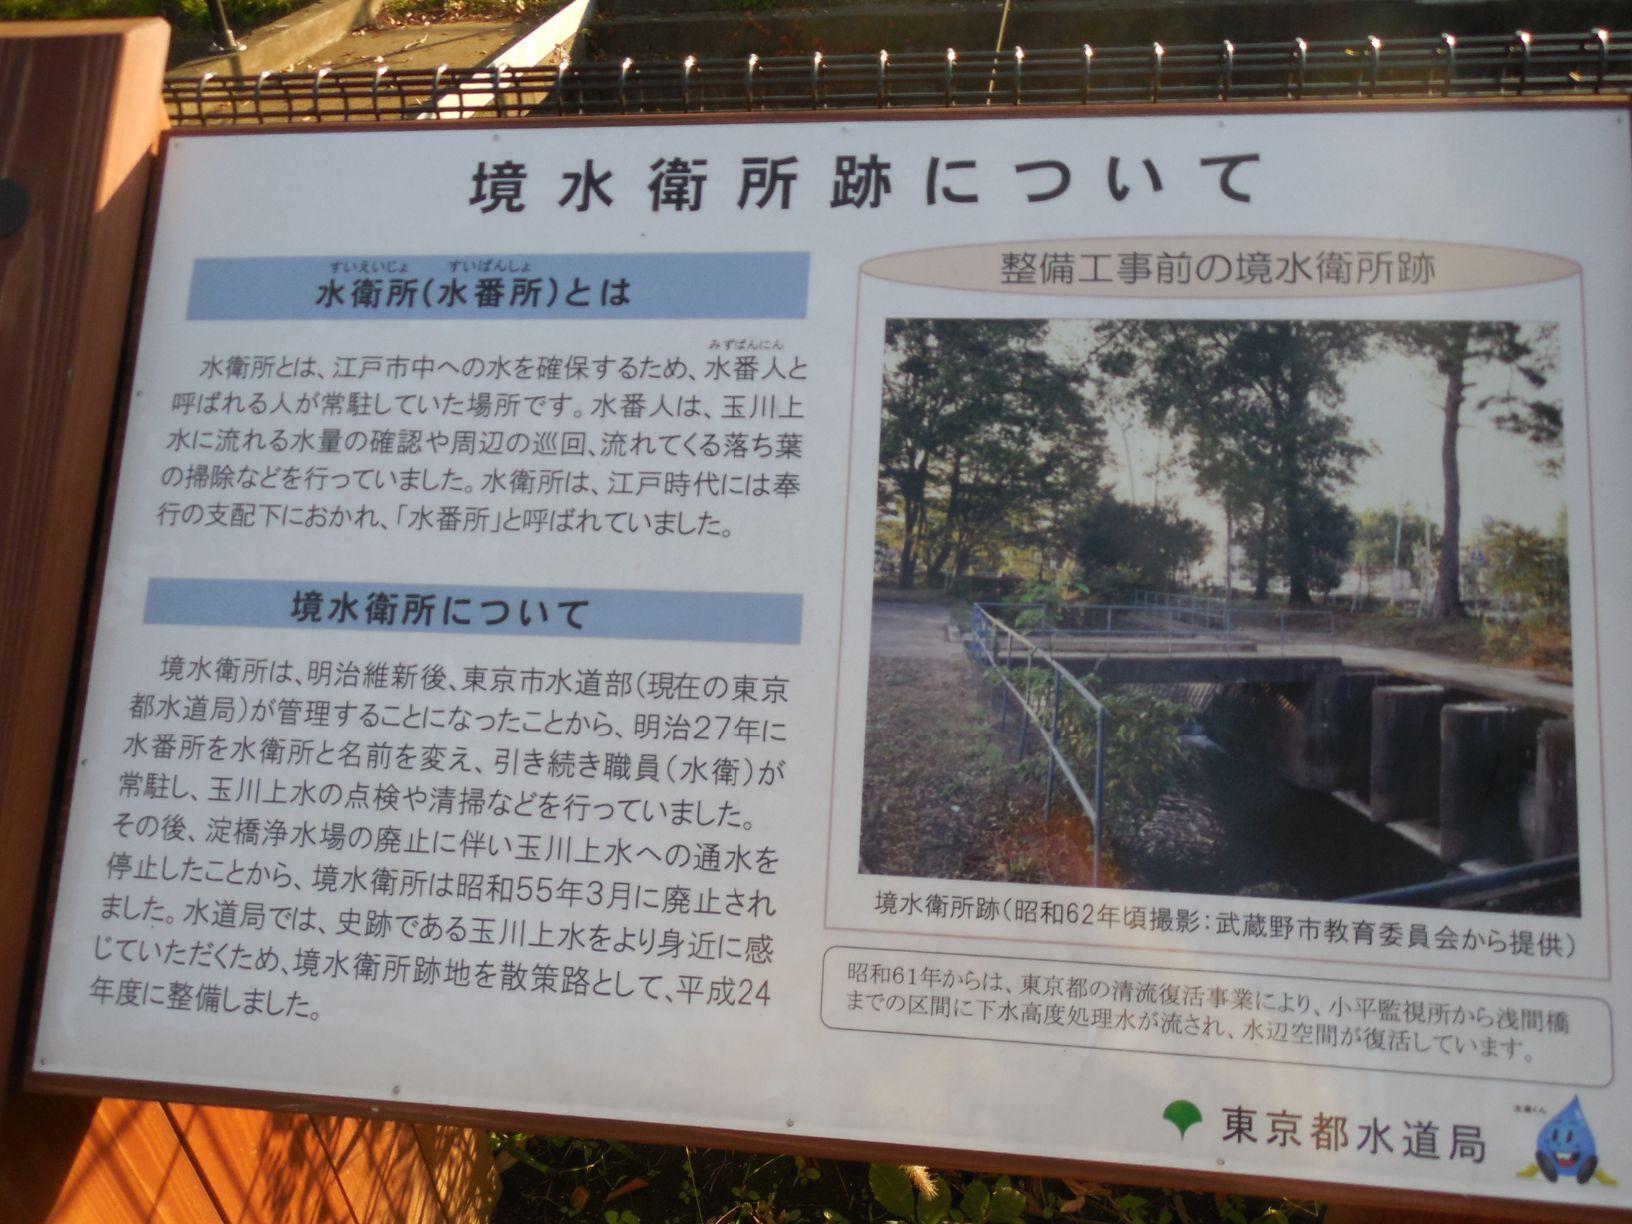 境水衛所 跡について - Monumento(モニュメント)